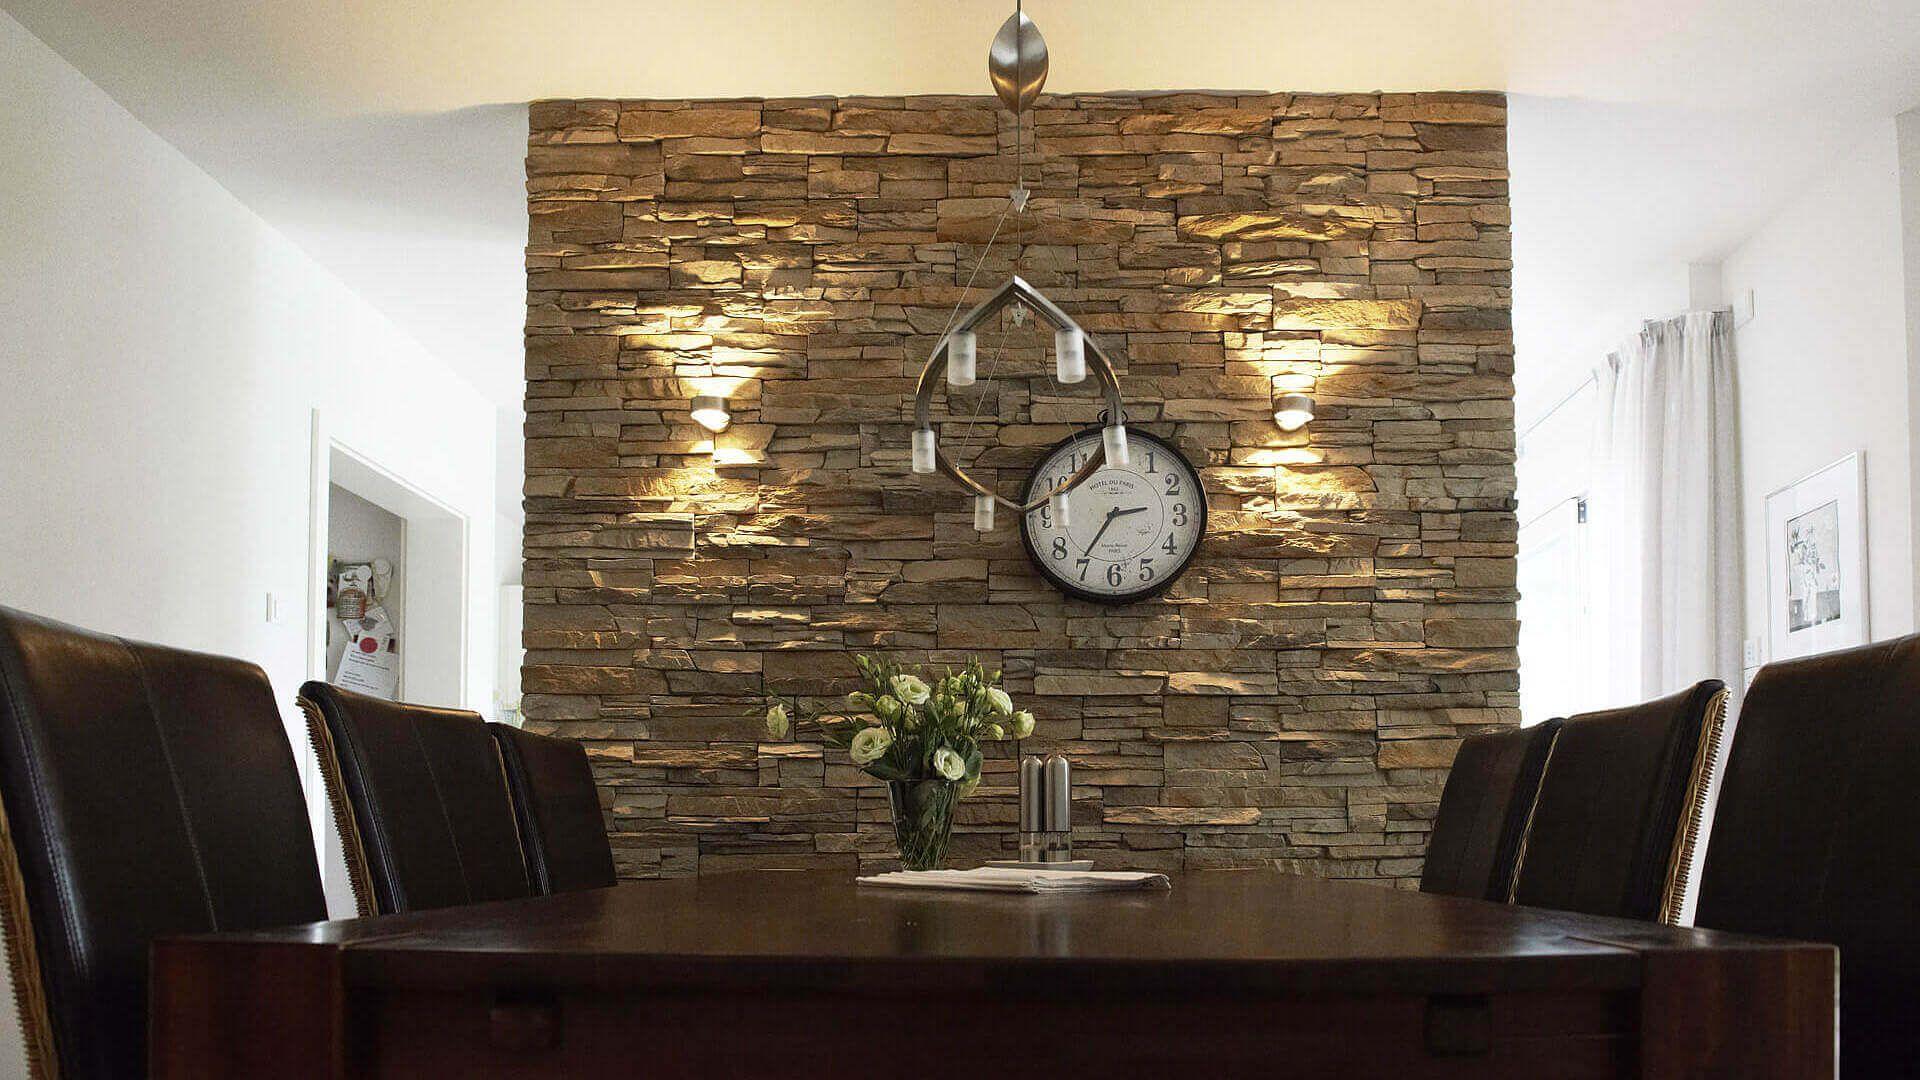 AuBergewohnlich Esszimmer Dunkle Esszimmermöbel Steinwand Uhr Weiße Wände